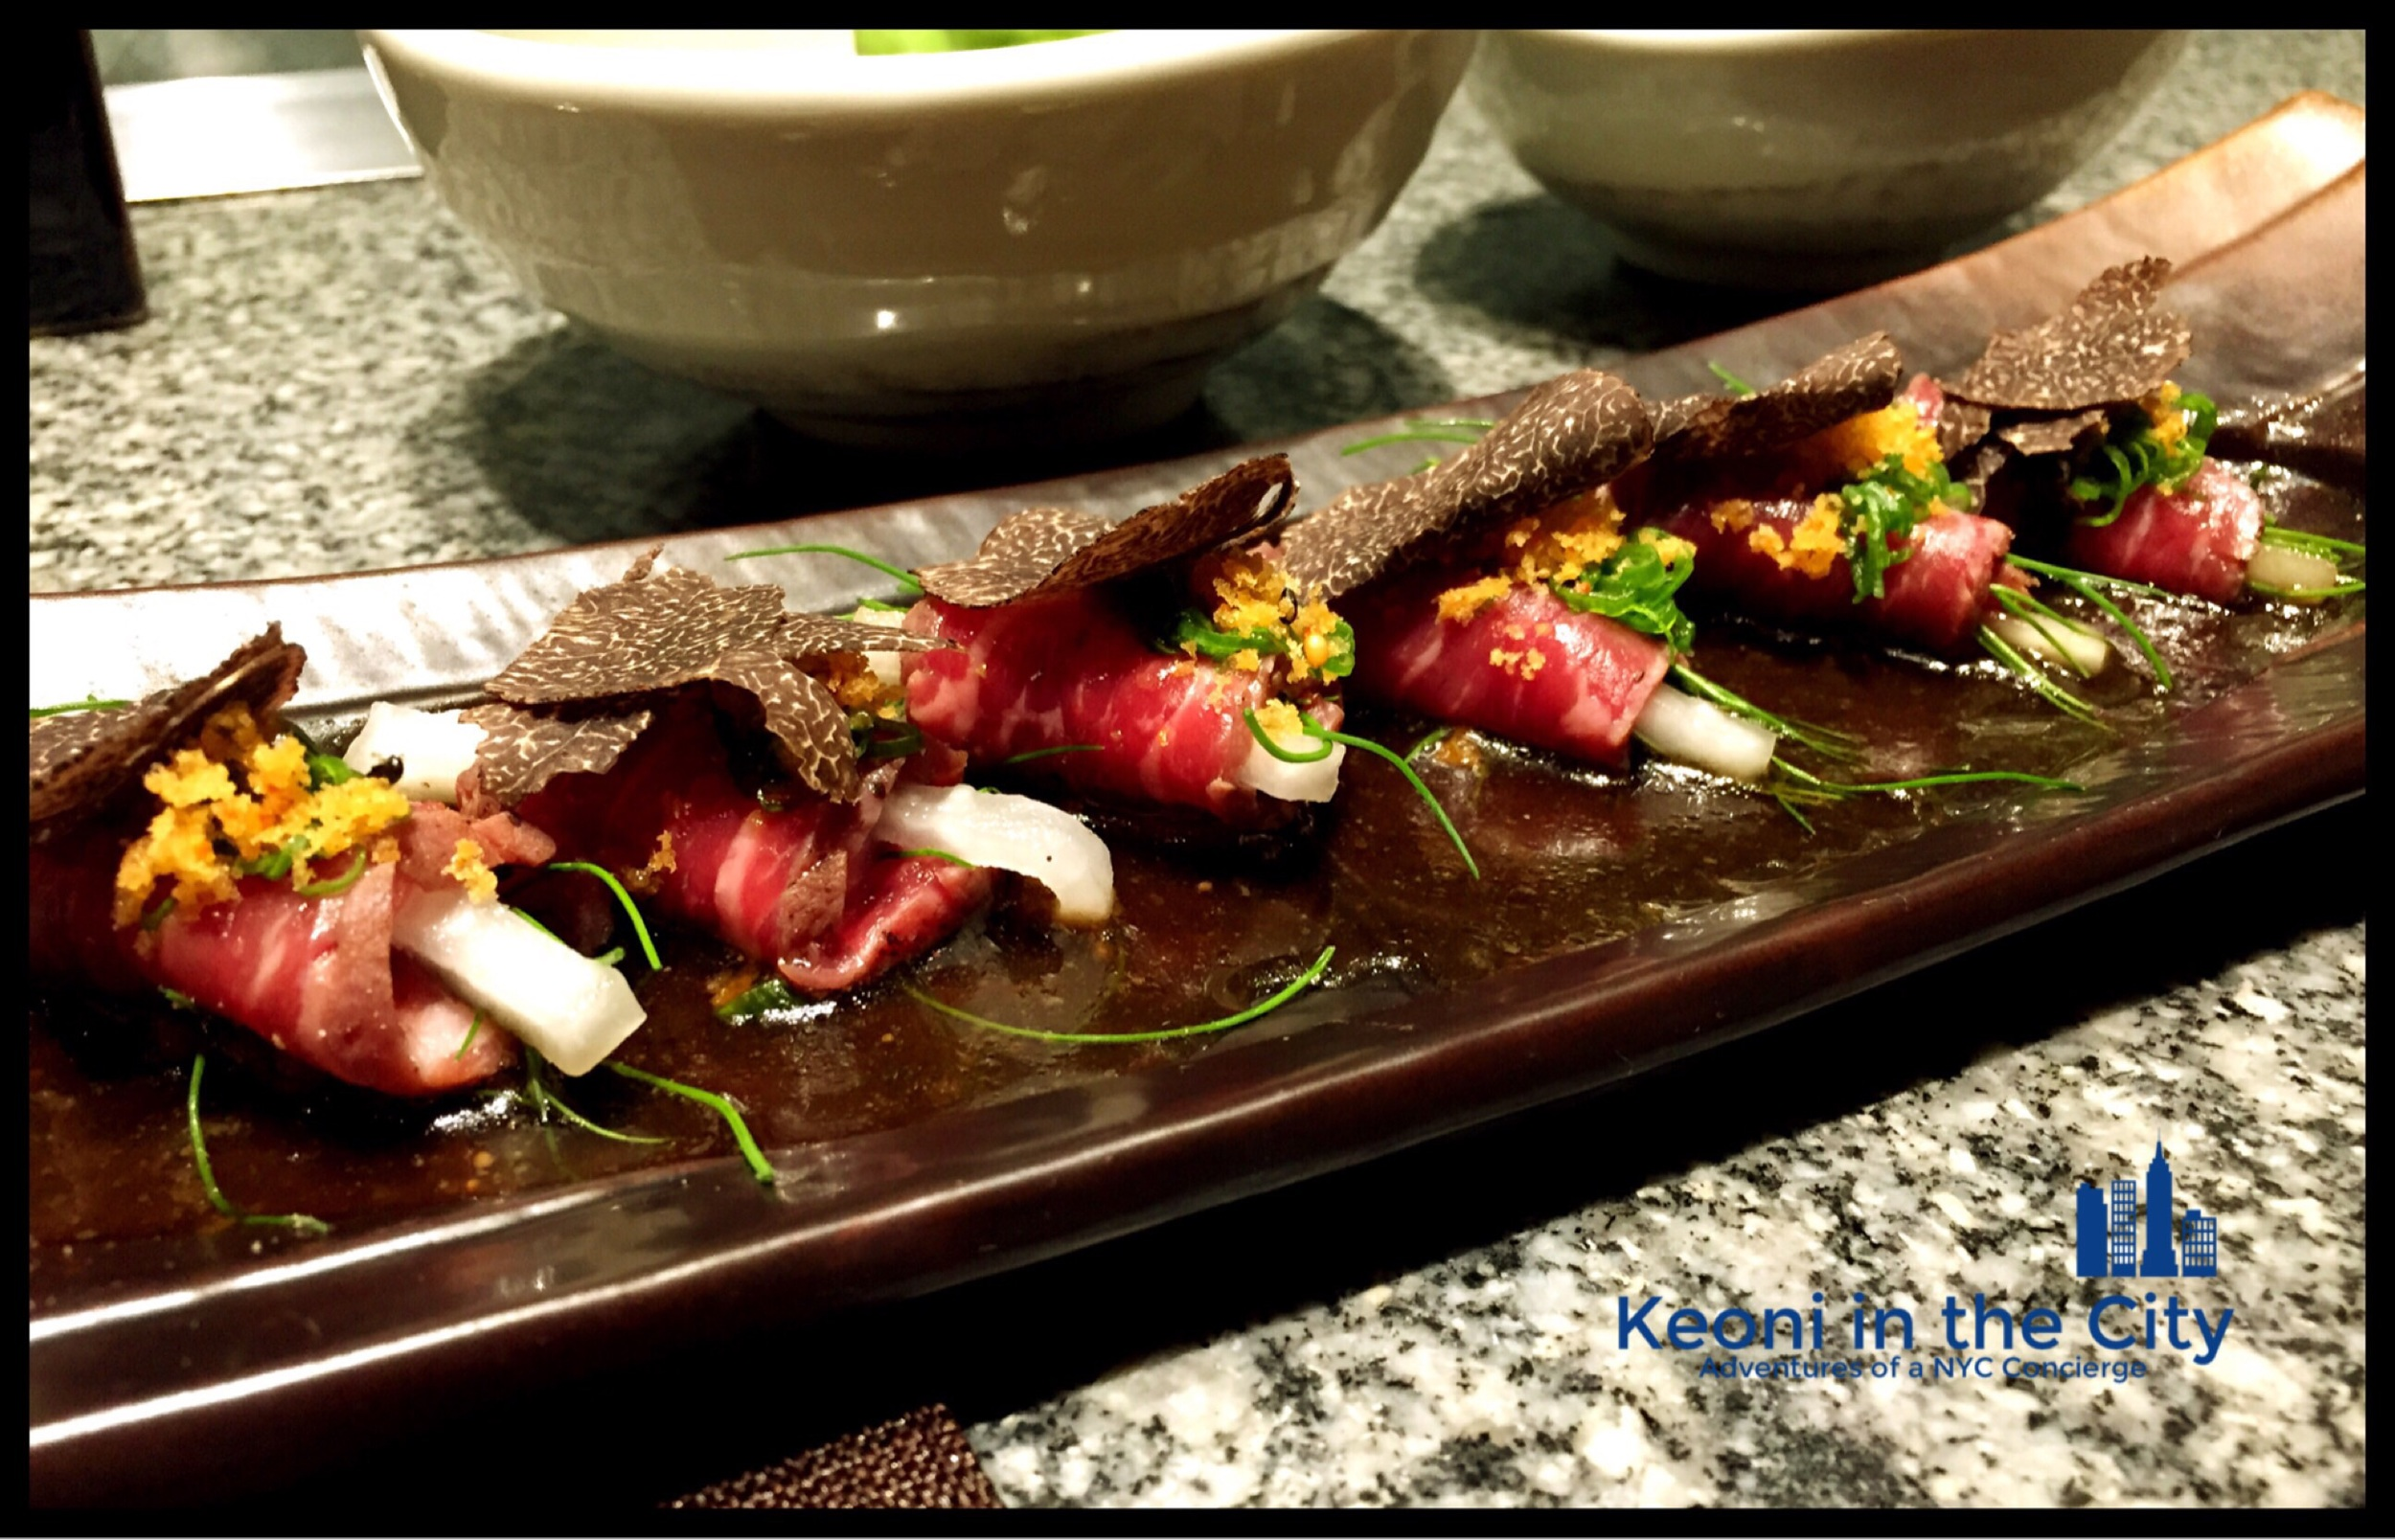 Beef  tataki with pickled daikonand truffles